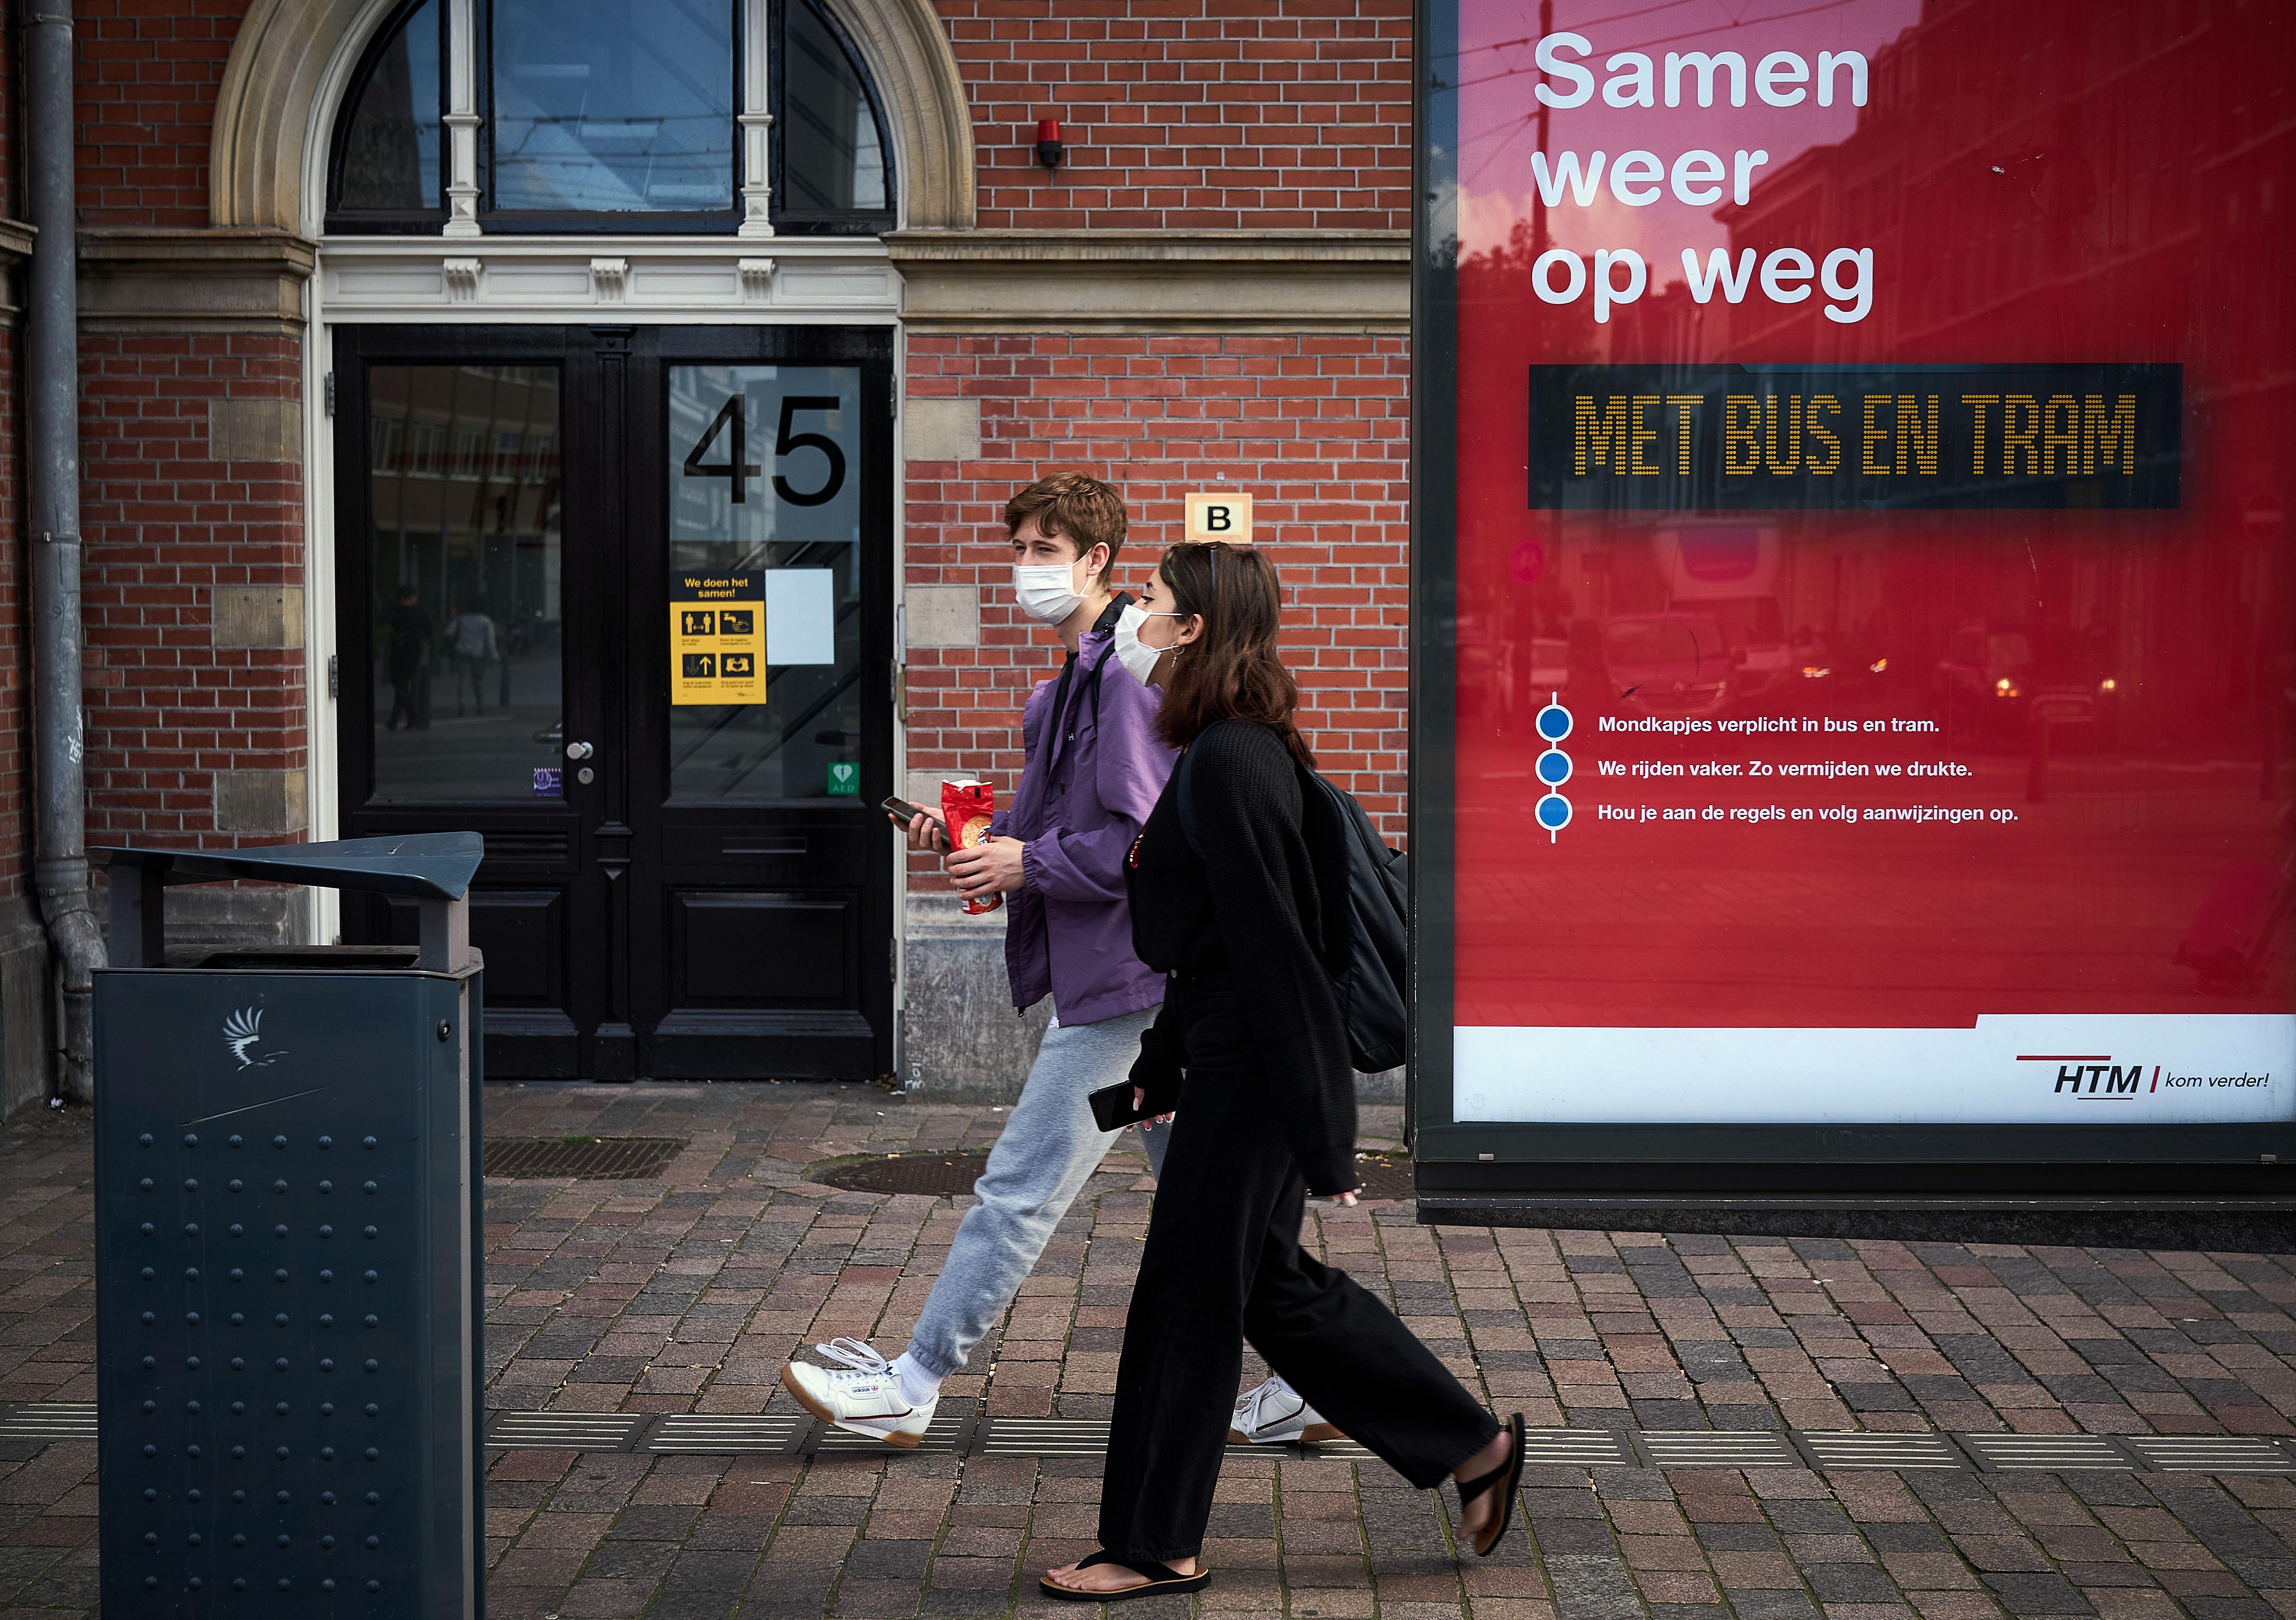 Pieter Broertjes: 'We zijn toe aan mondkapjes in de openbare ruimte, winkels en supermarkten'